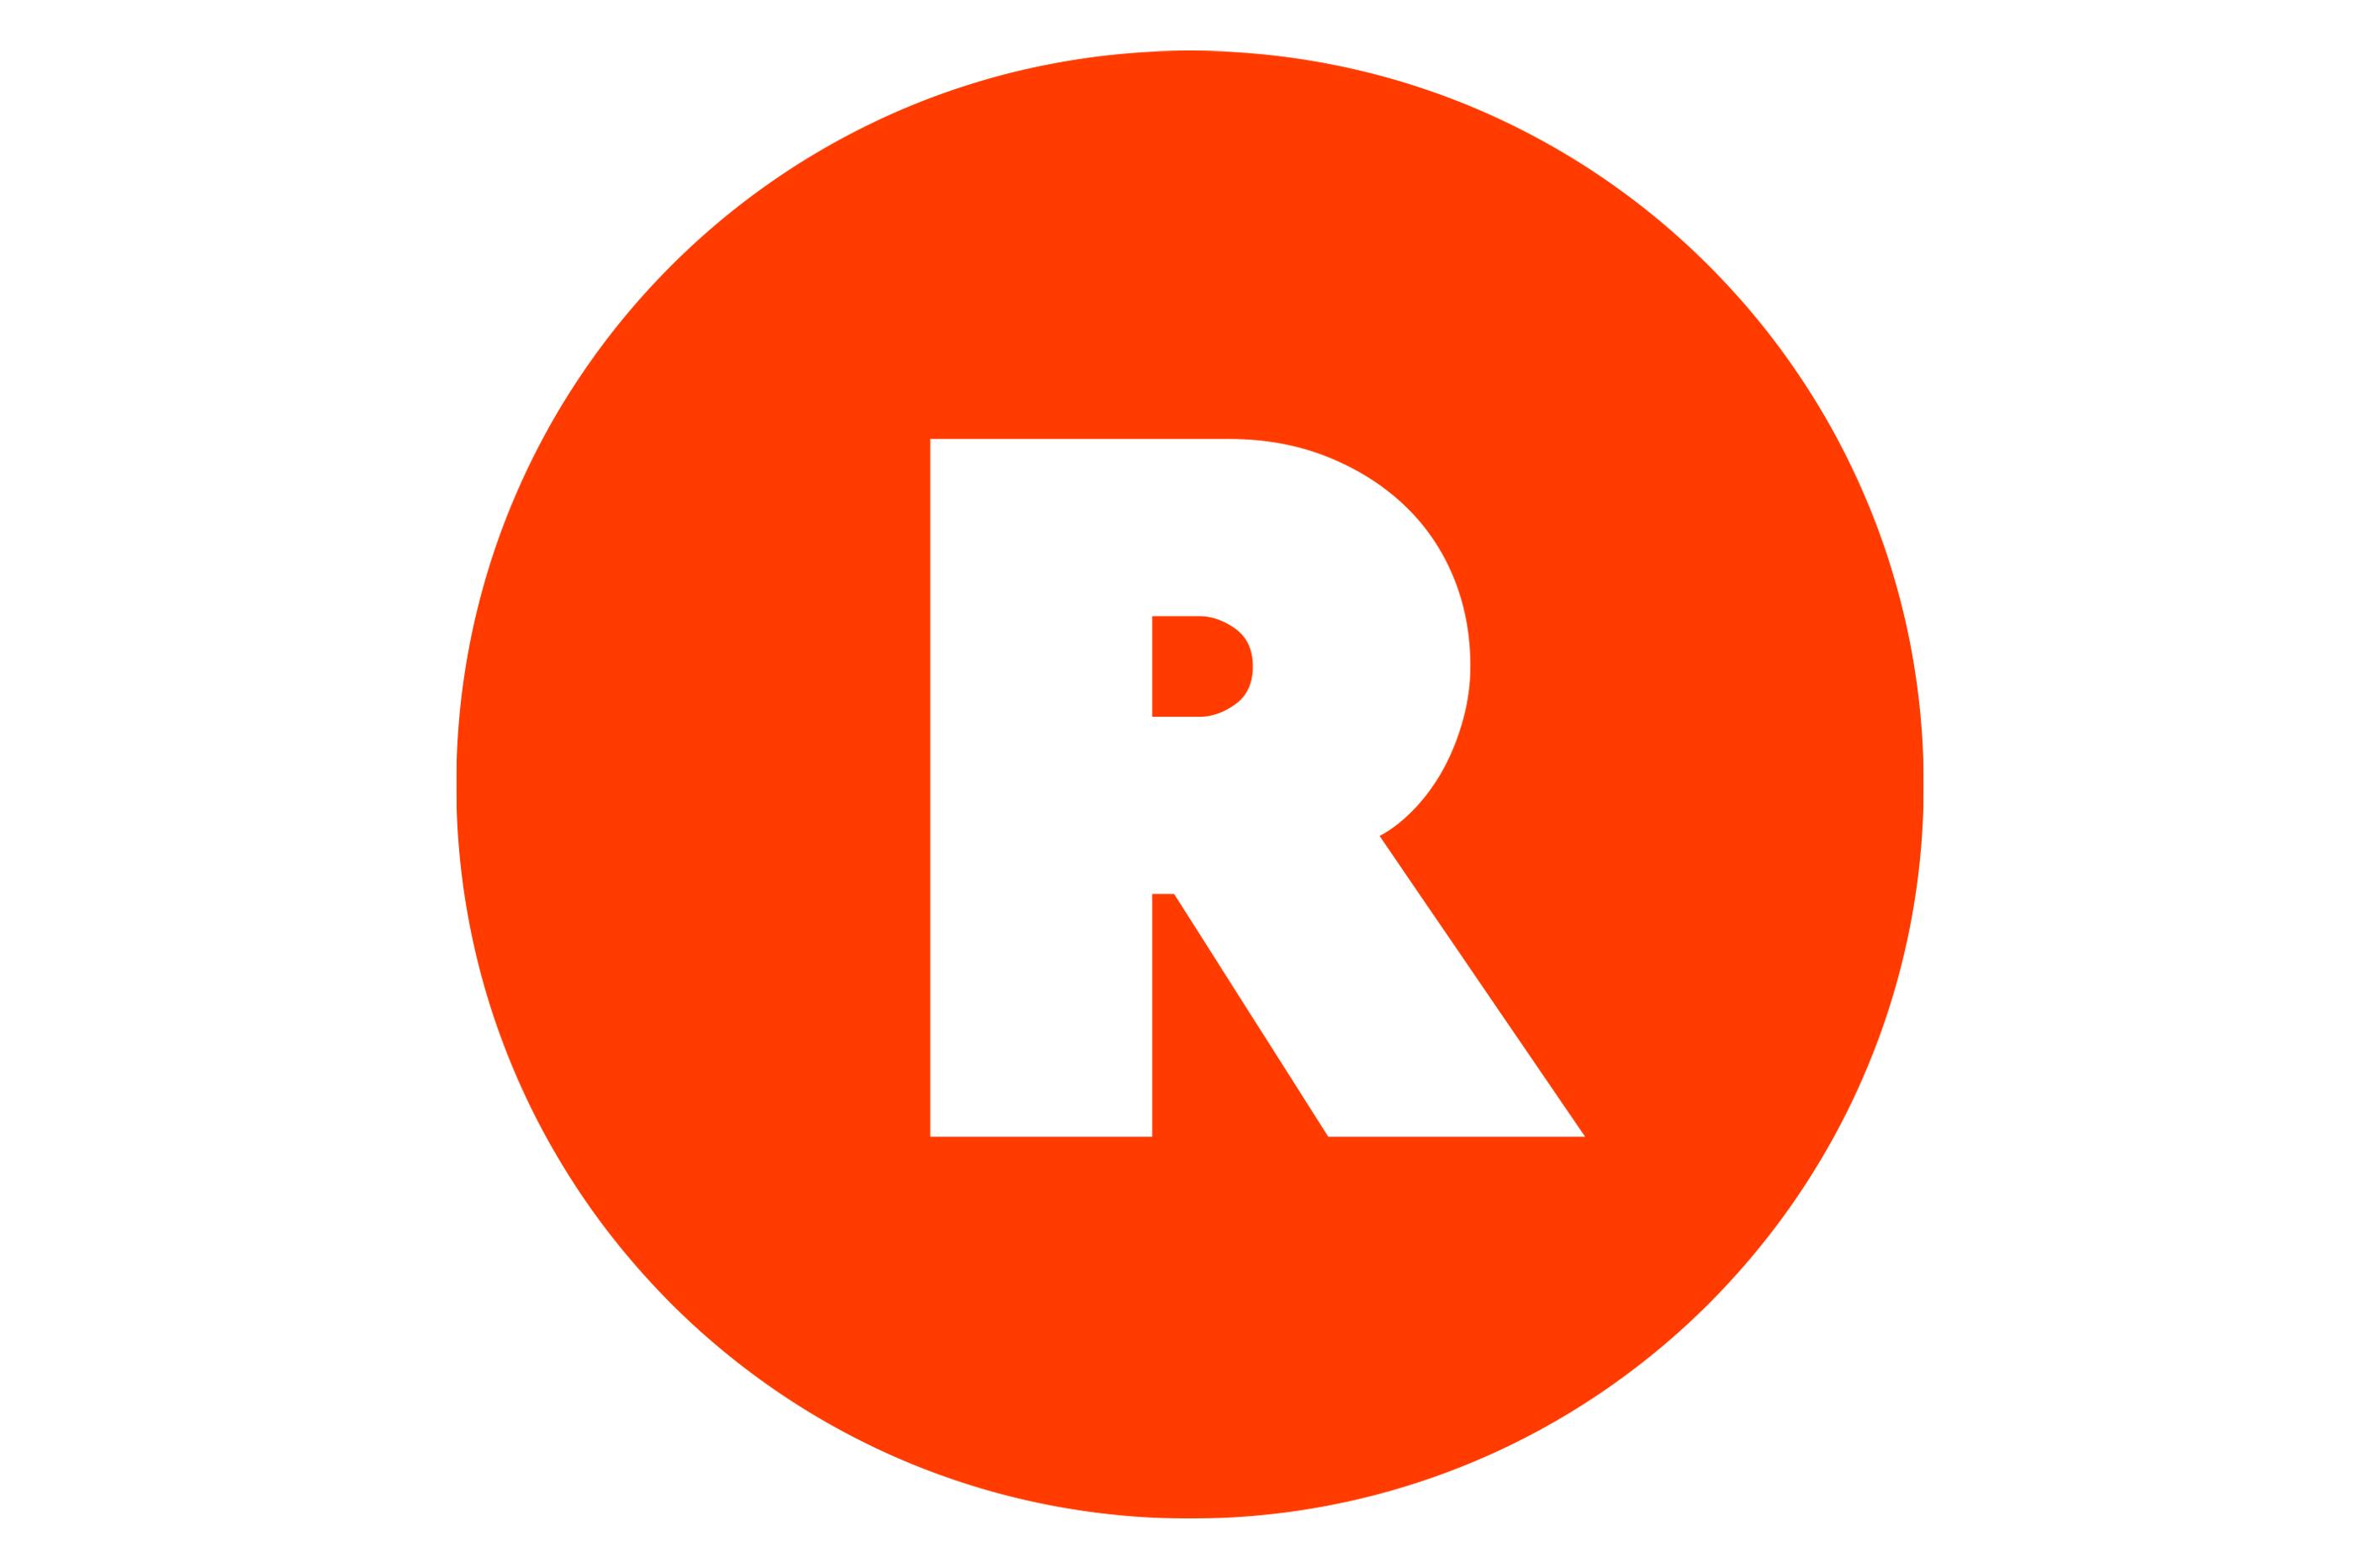 RMRKBL